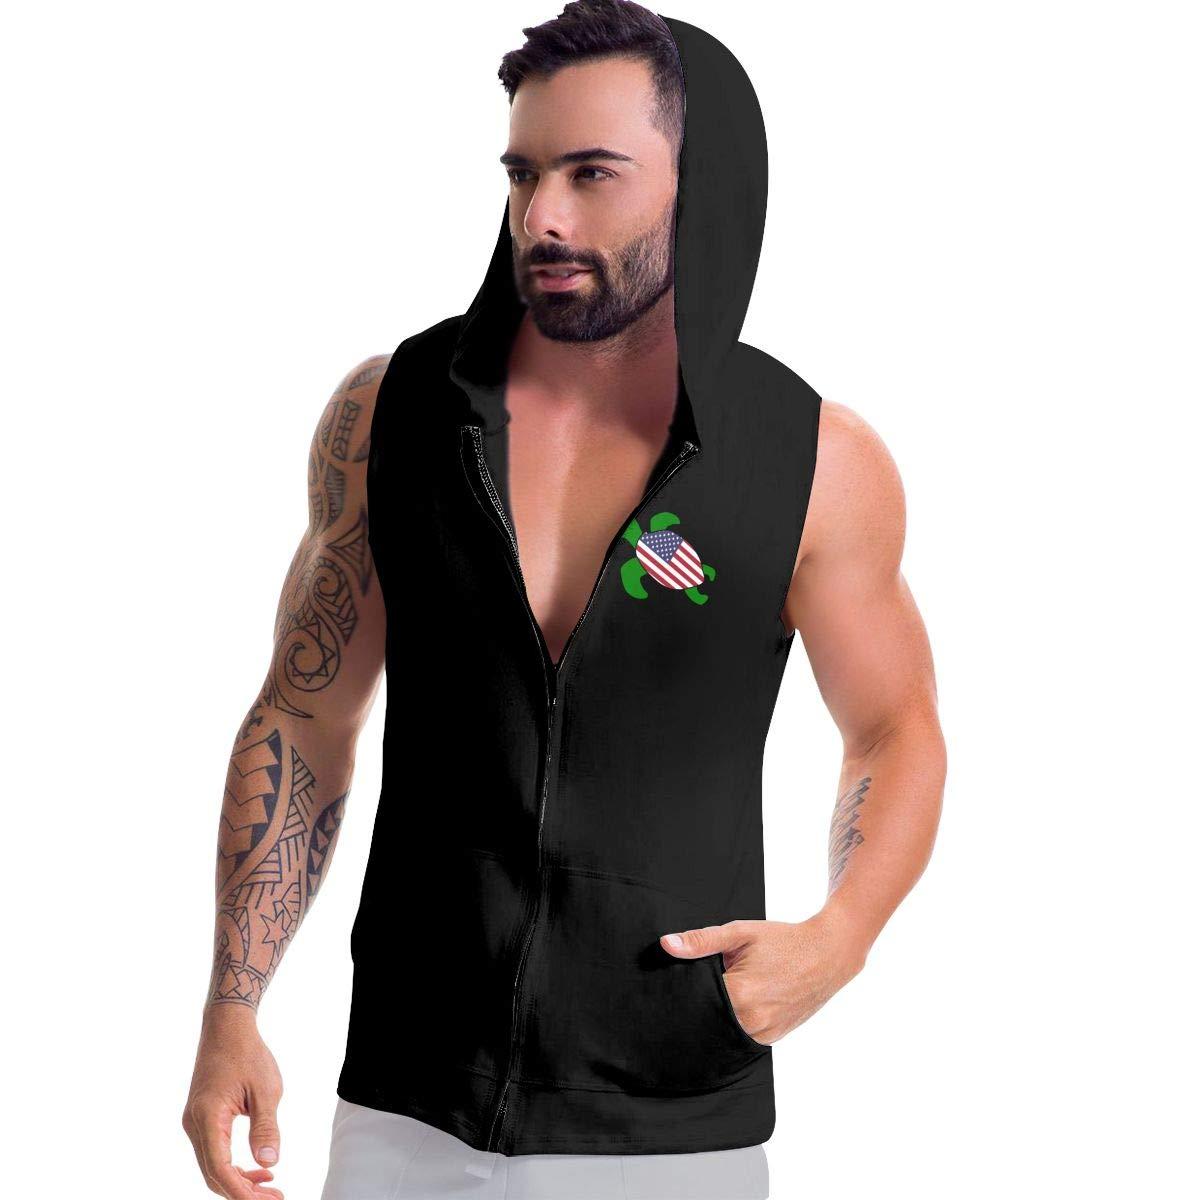 Sea Turtle American Flag Mens Sleeveless Full Zip-Up Hoodie Sweatshirt Bodybuilding Tank Top